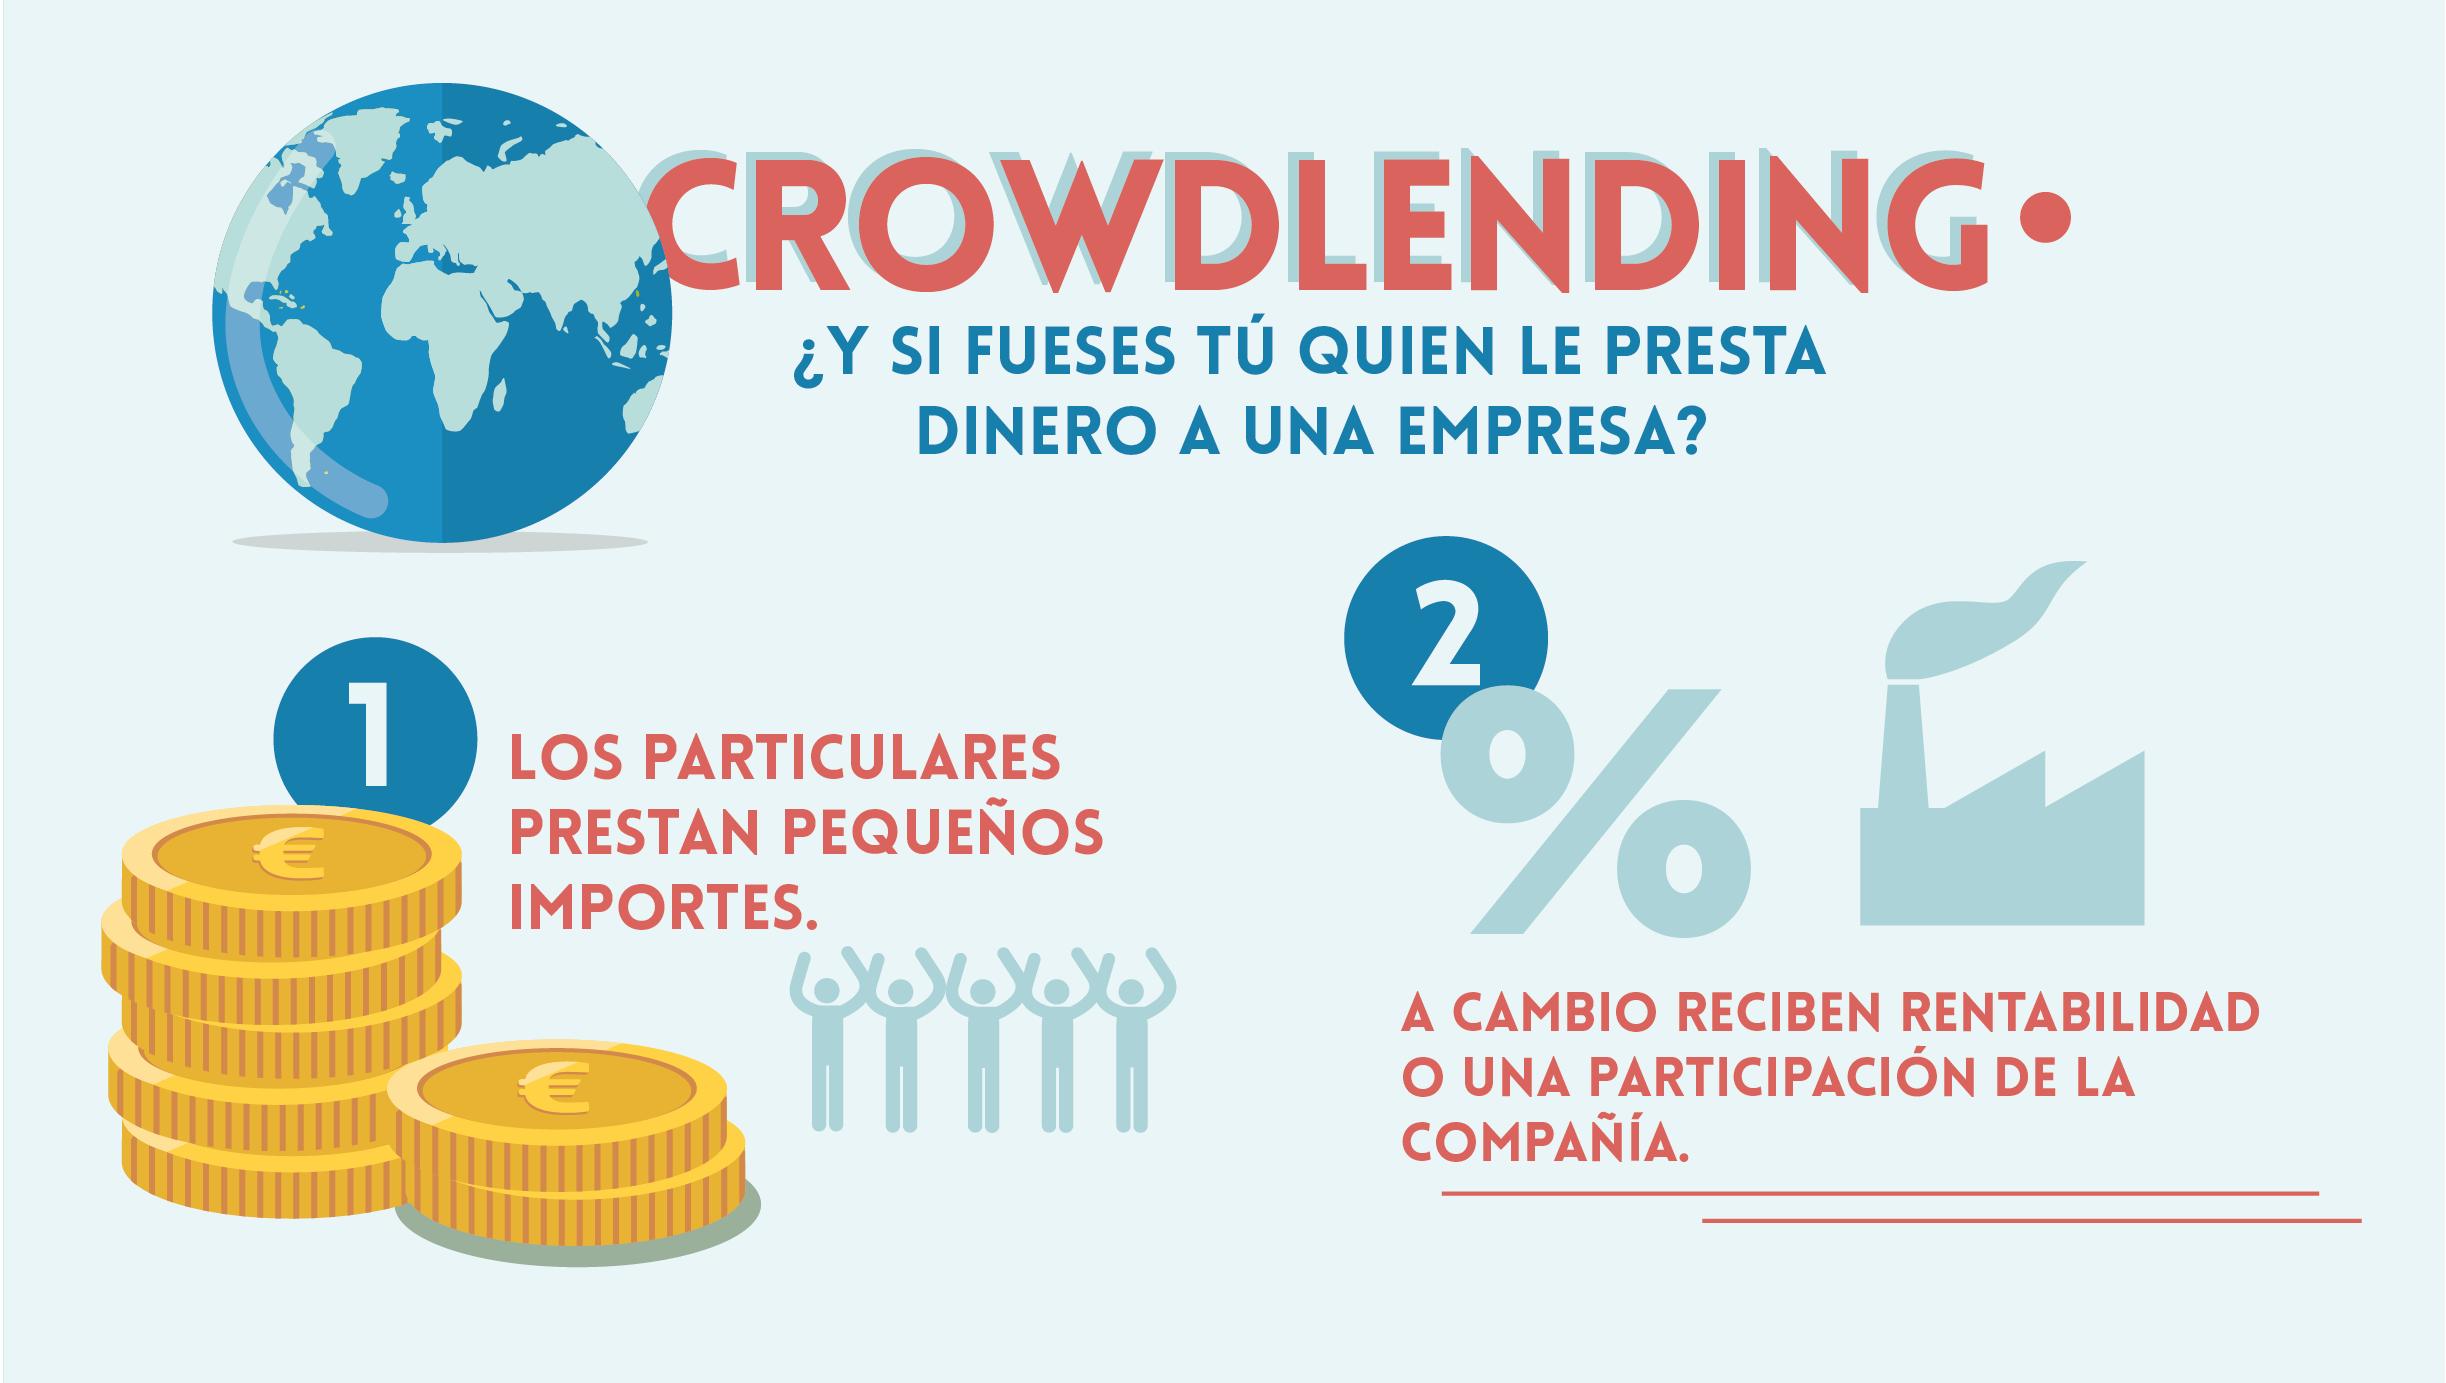 ¿En qué consiste el crowdlending?